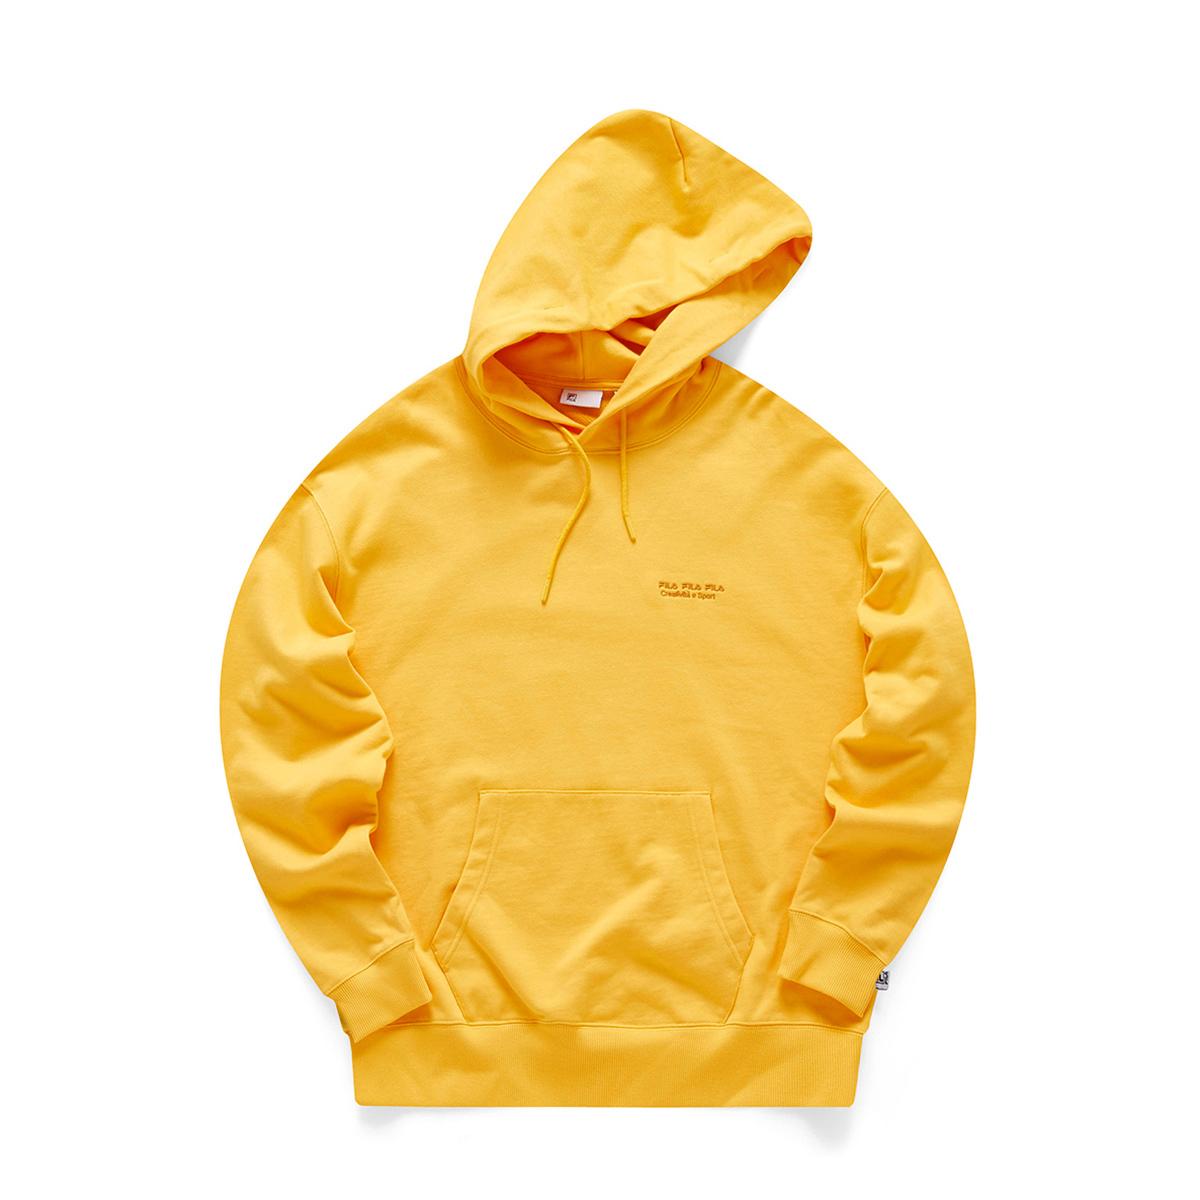 FILA 斐乐 女士运动卫衣 F71U048206F-FYE 稻黄色 M